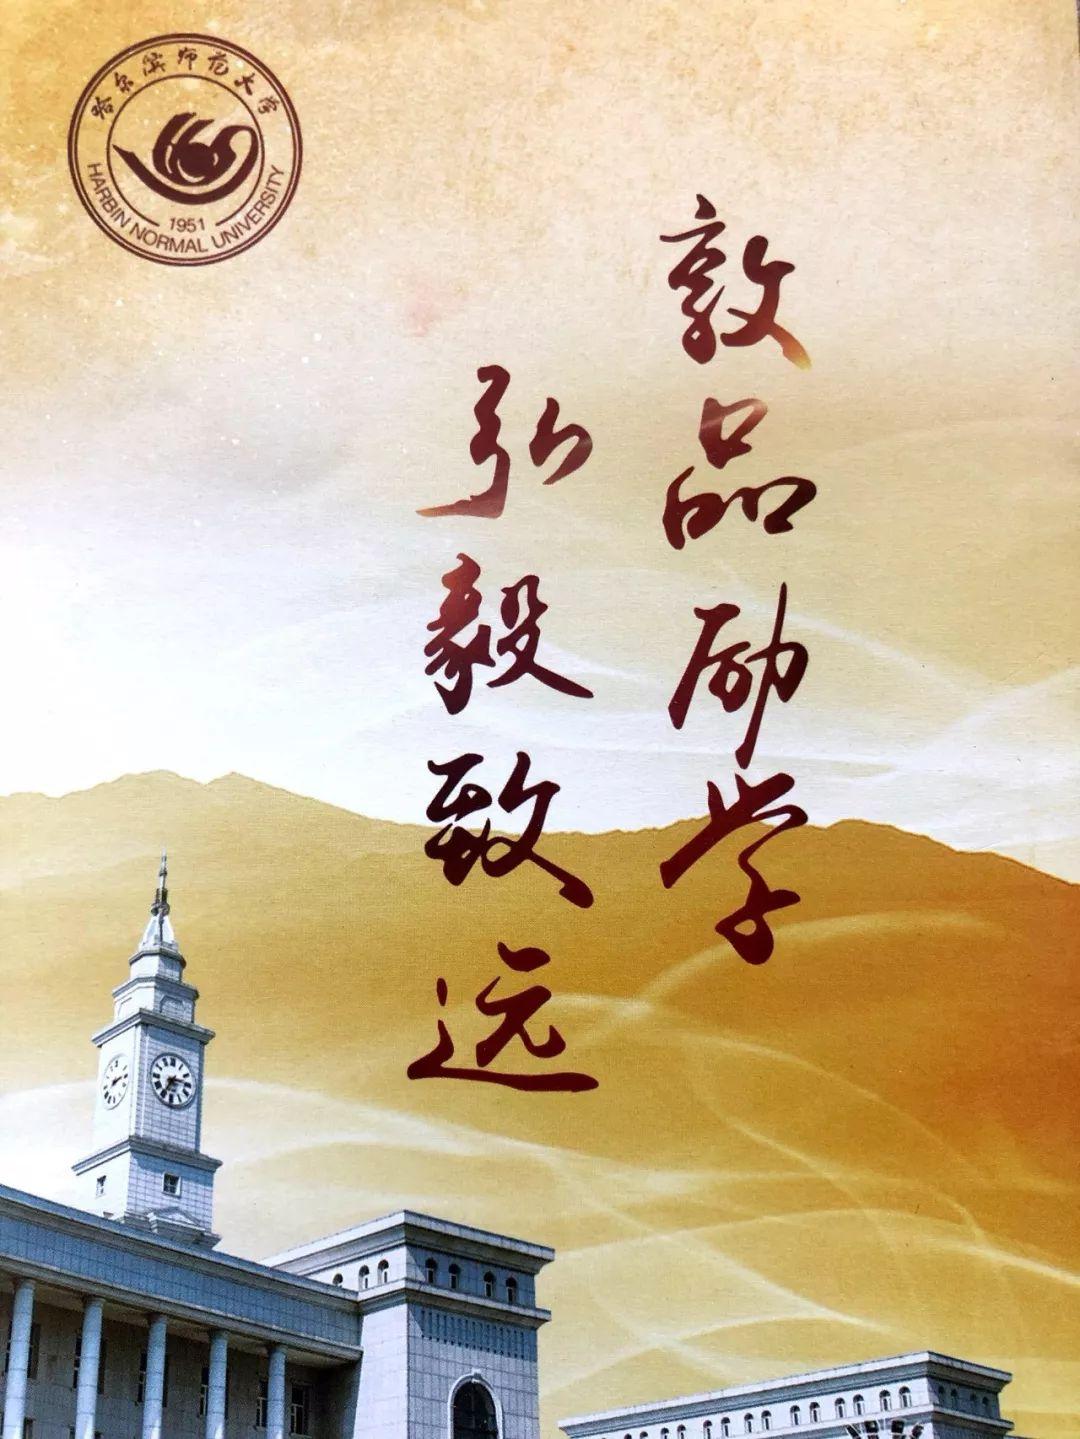 哈尔滨师范大学的录取通知书到了!图片